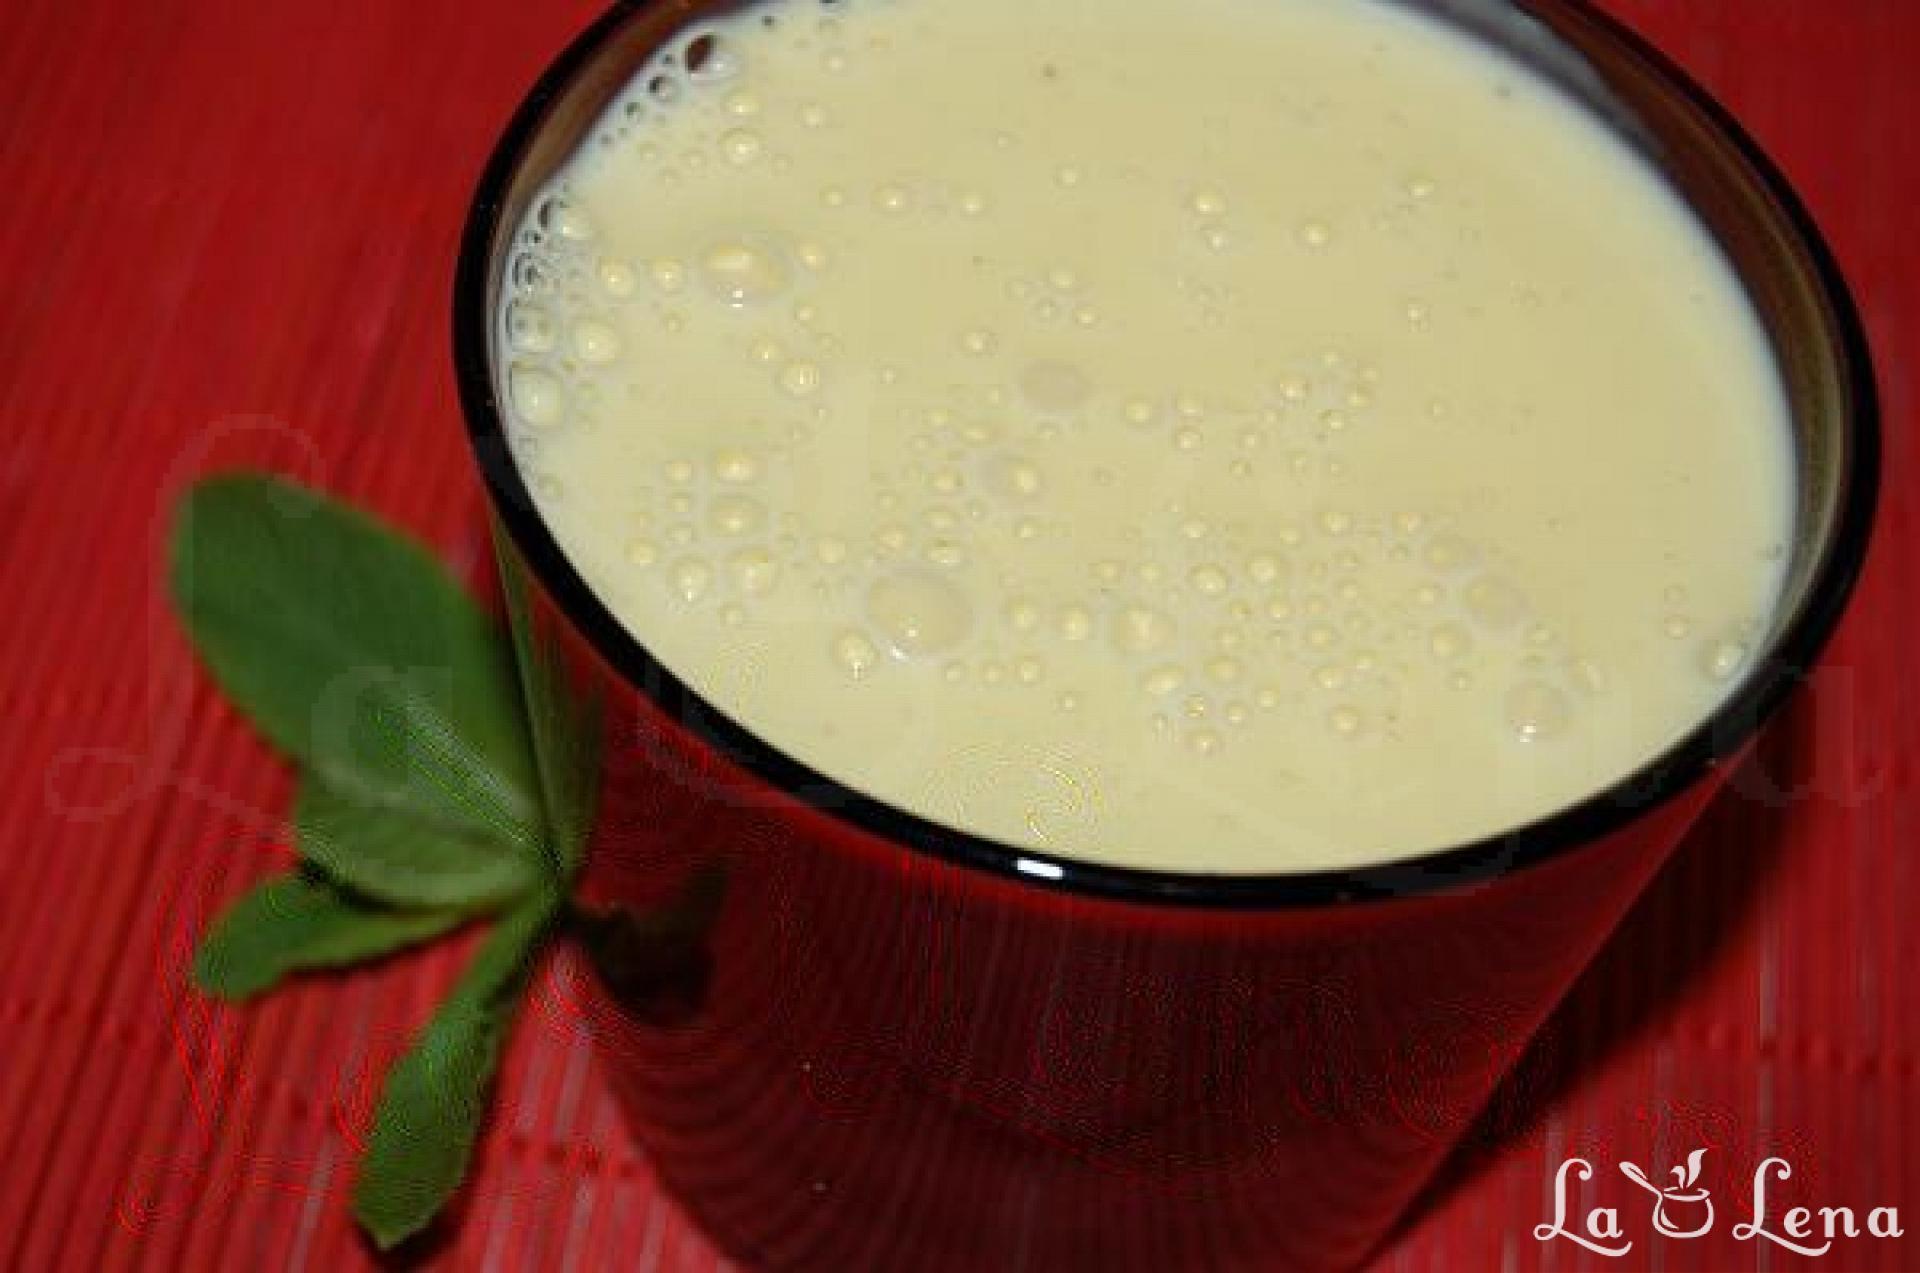 De ce se branzeste crema de vanilie